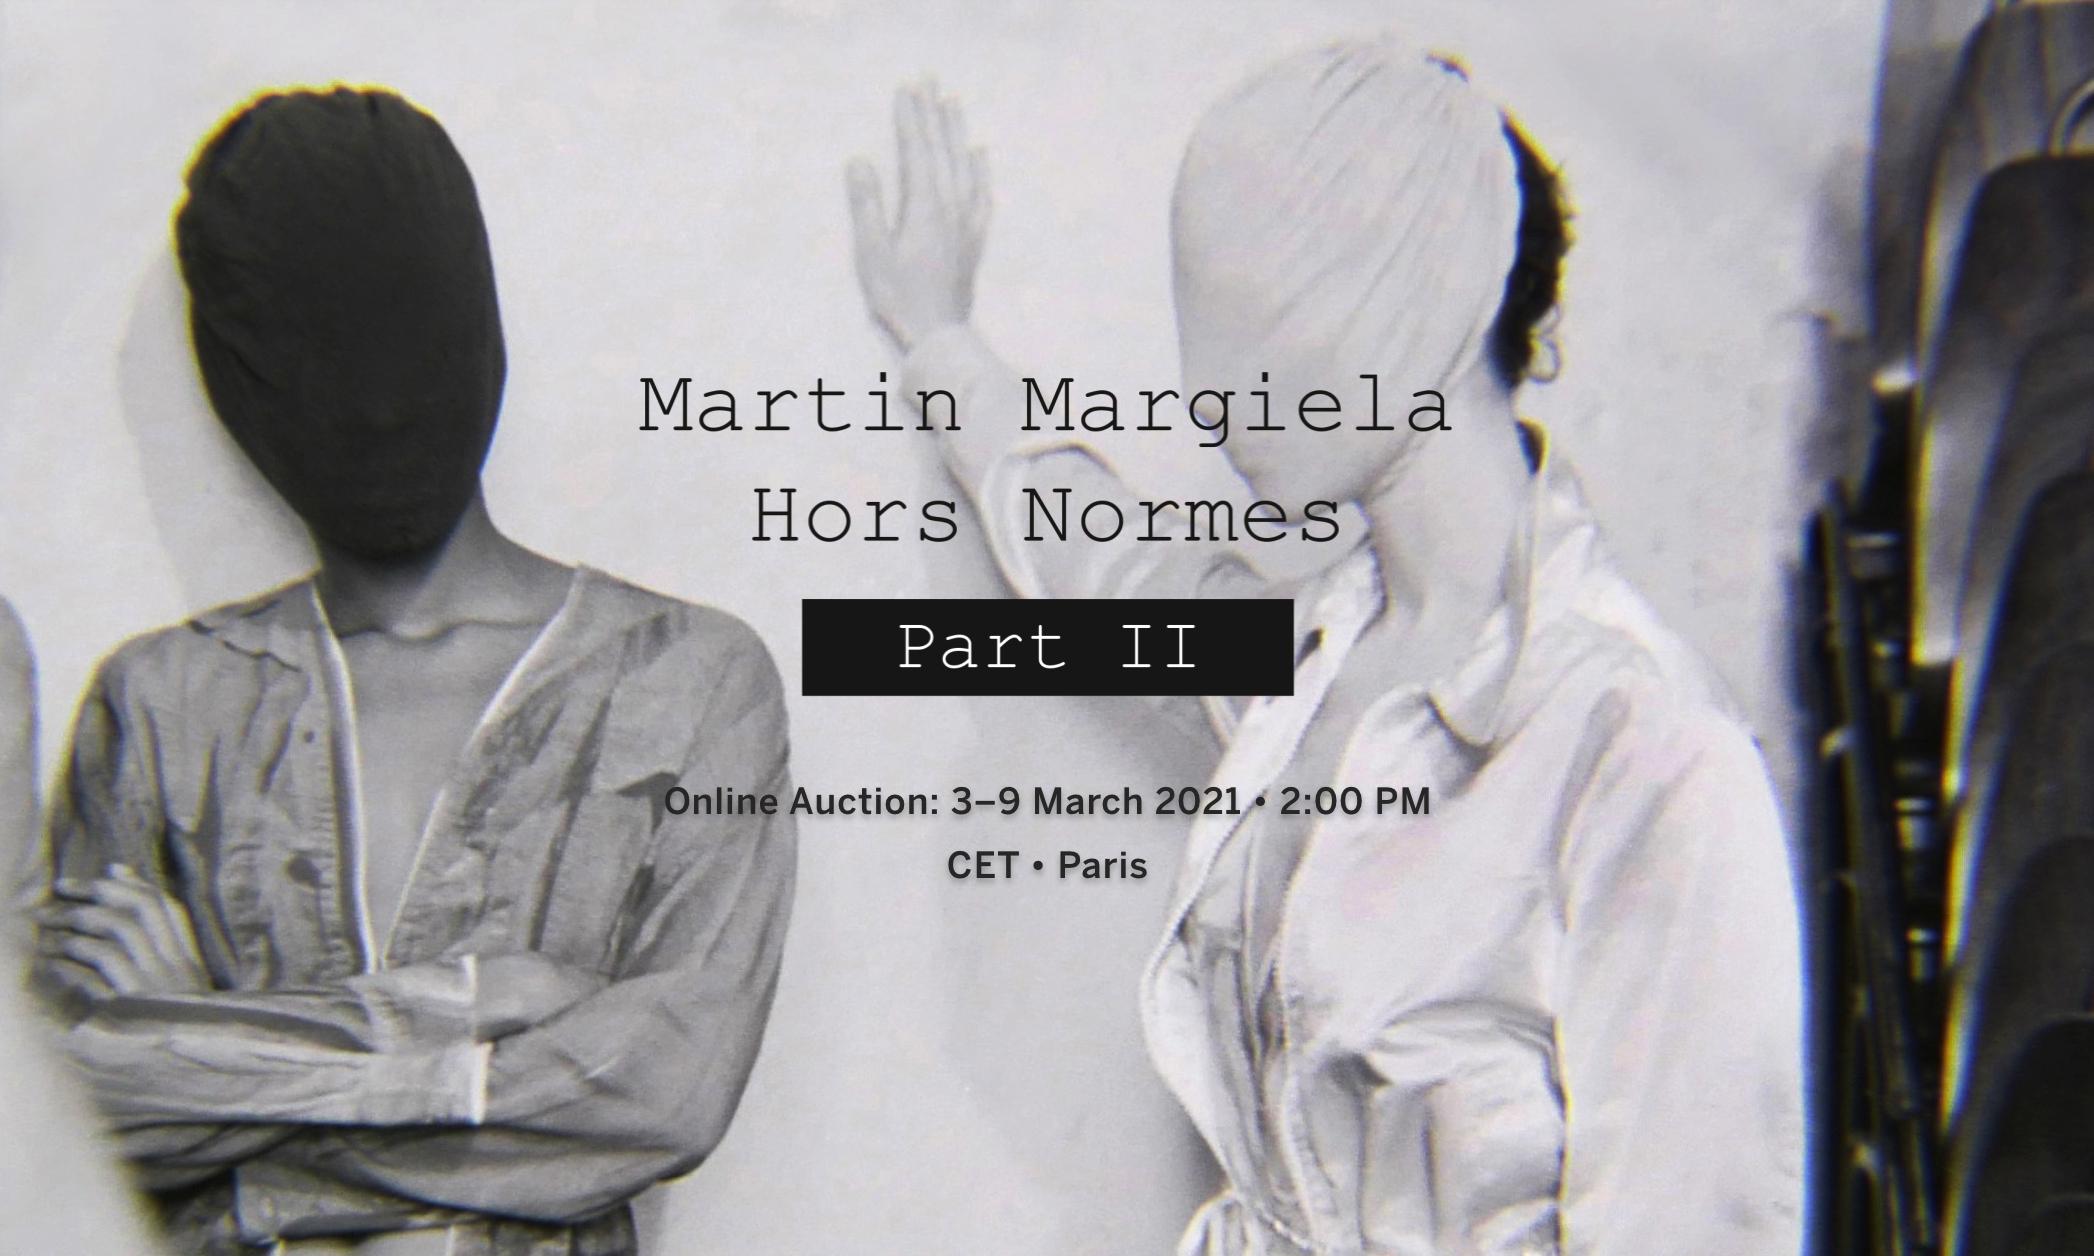 苏富比再度拍卖 Martin Margiela 近 200 件经典设计